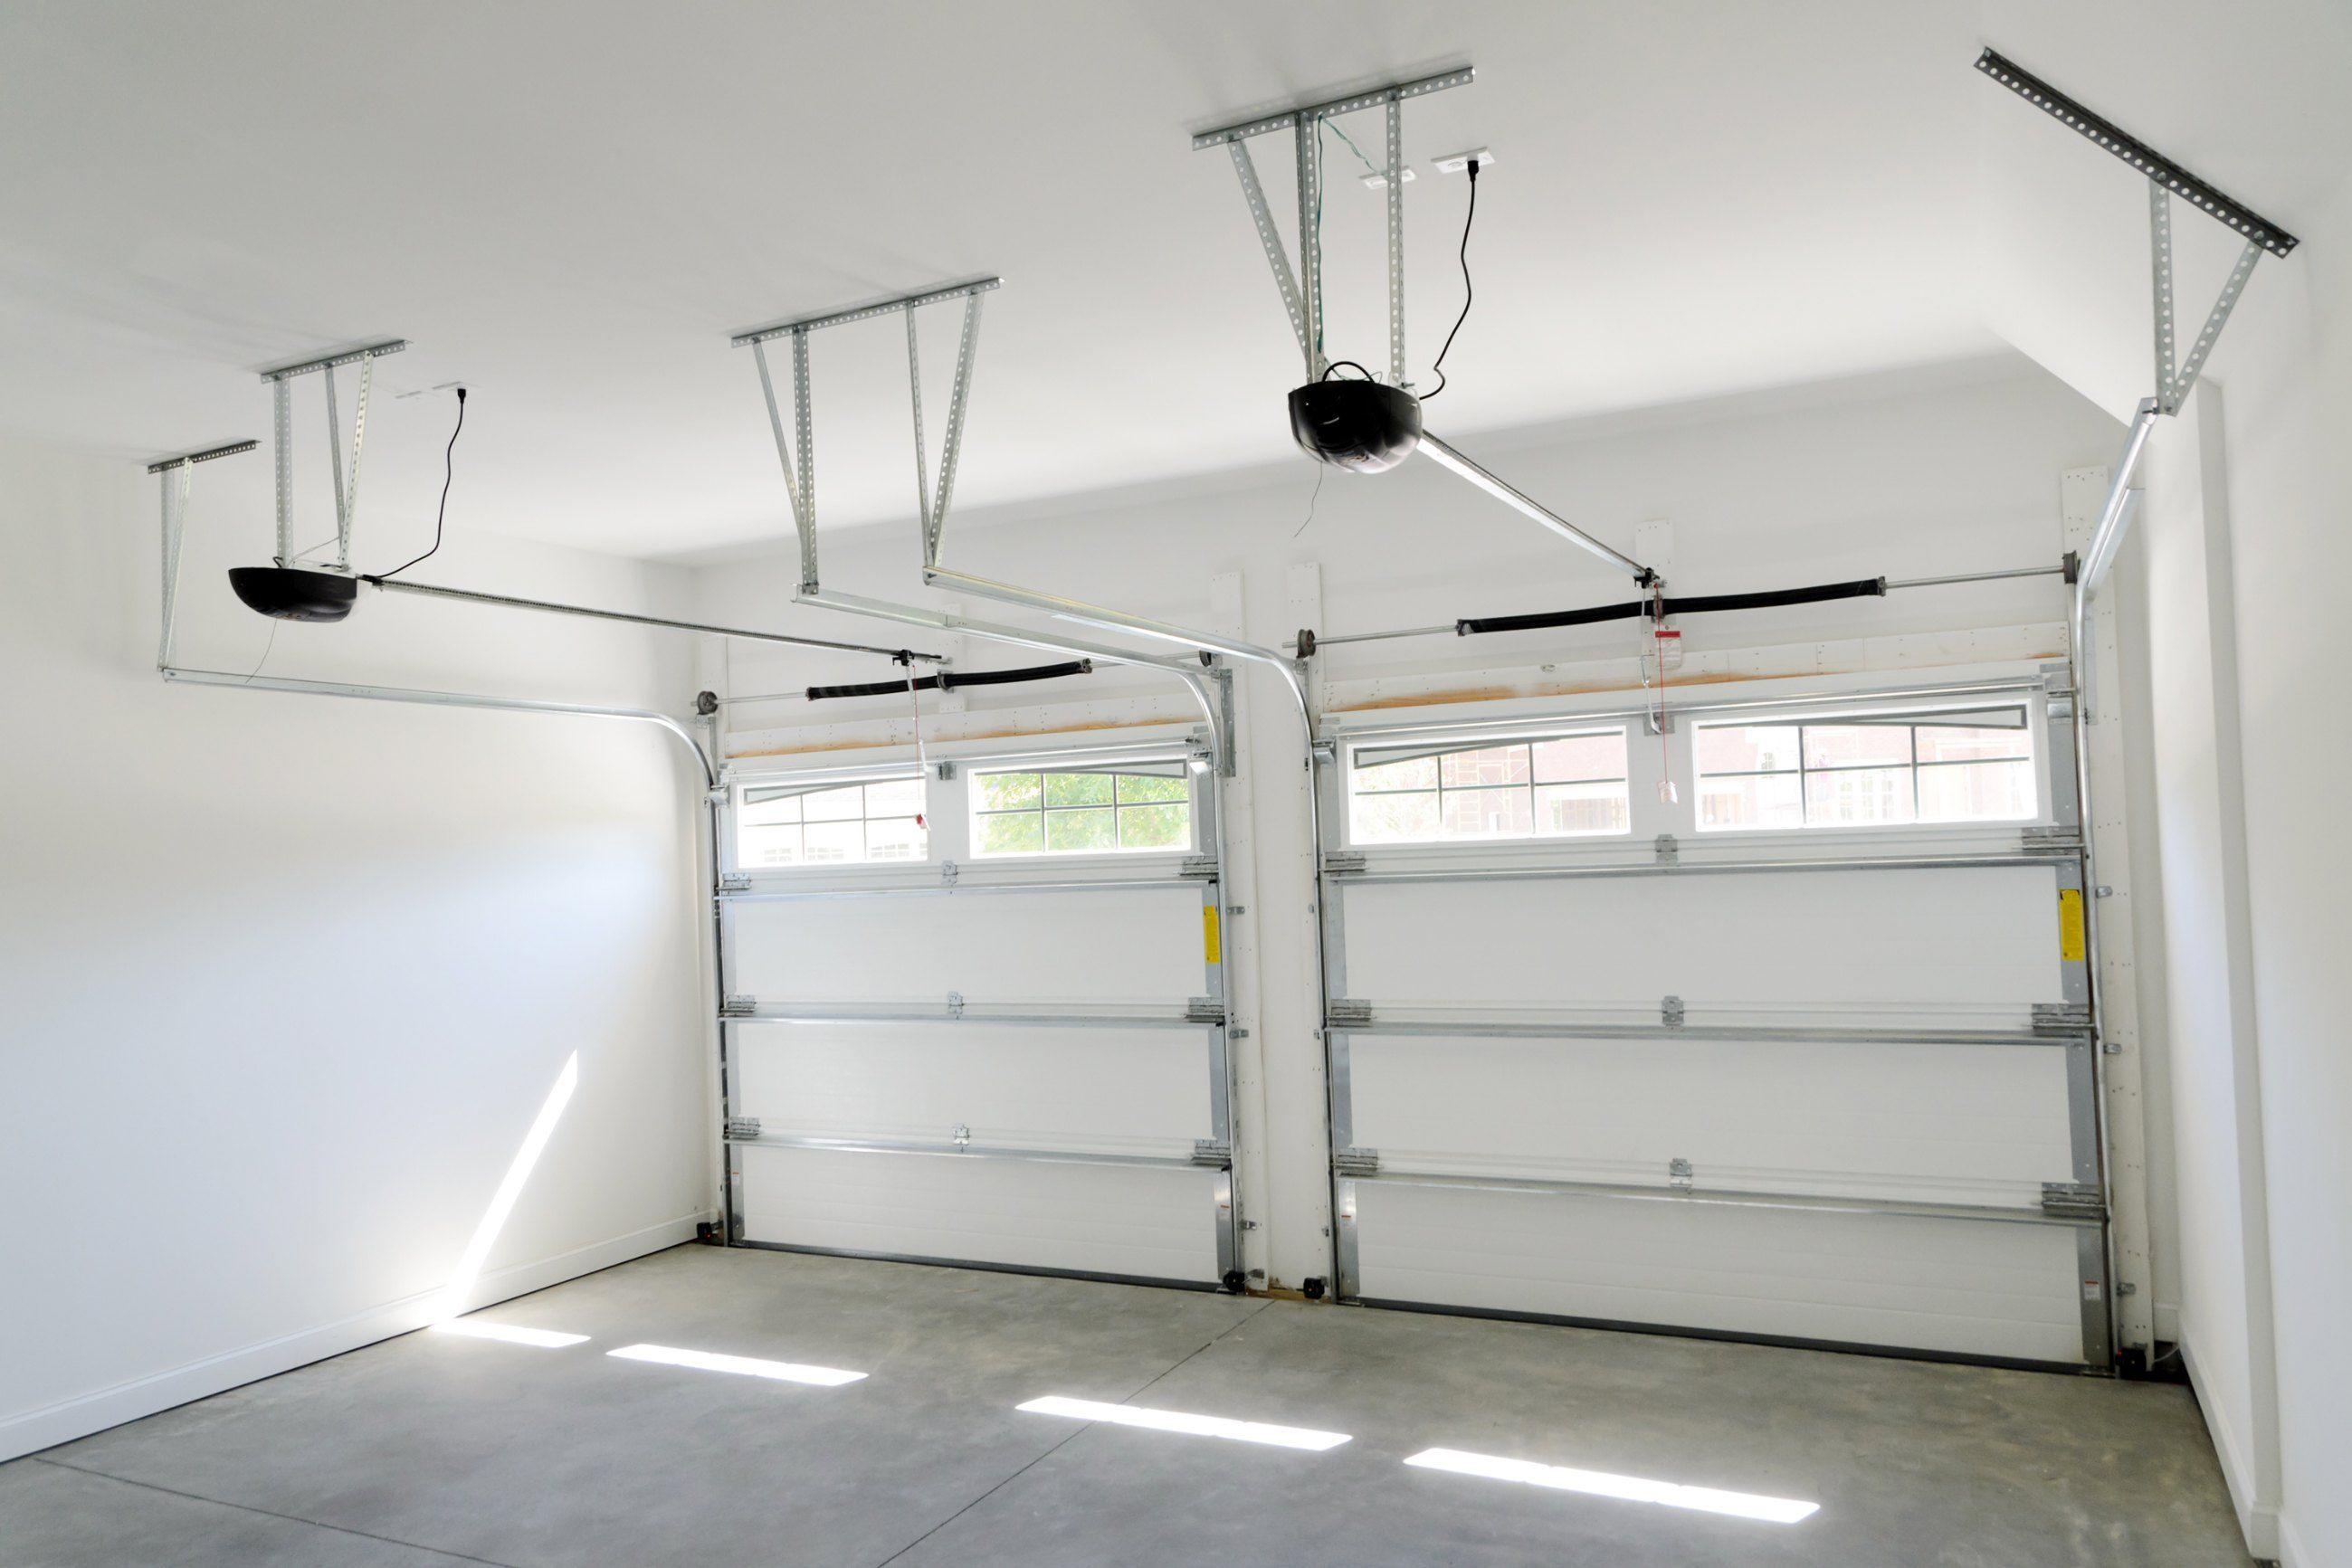 Garage Door Parts Seattle Wa Door Garage Parts Seattle In 2020 Garage Door Installation Garage Door Opener Replacement Door Repair